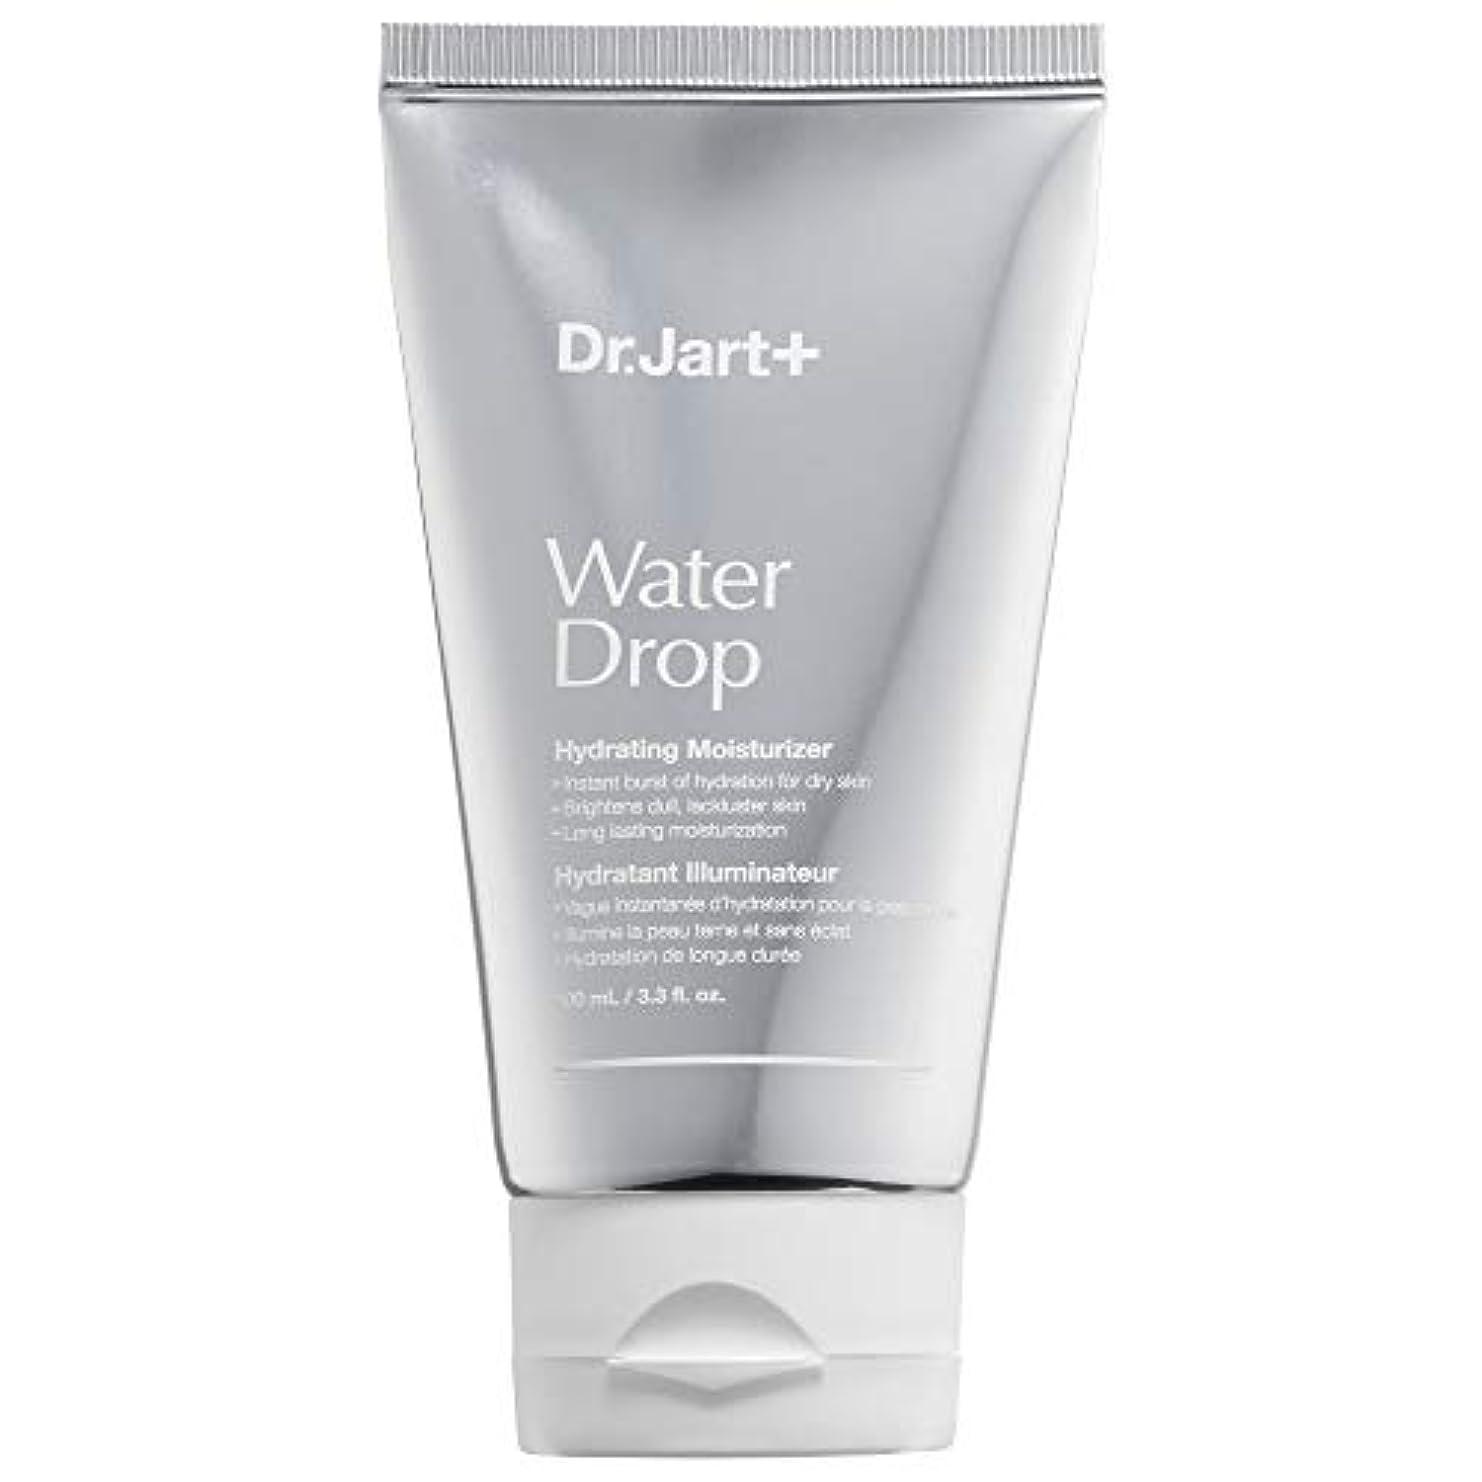 抑制する嫌悪不変Dr.jart+ Water Drop Hydrating Moisturizer